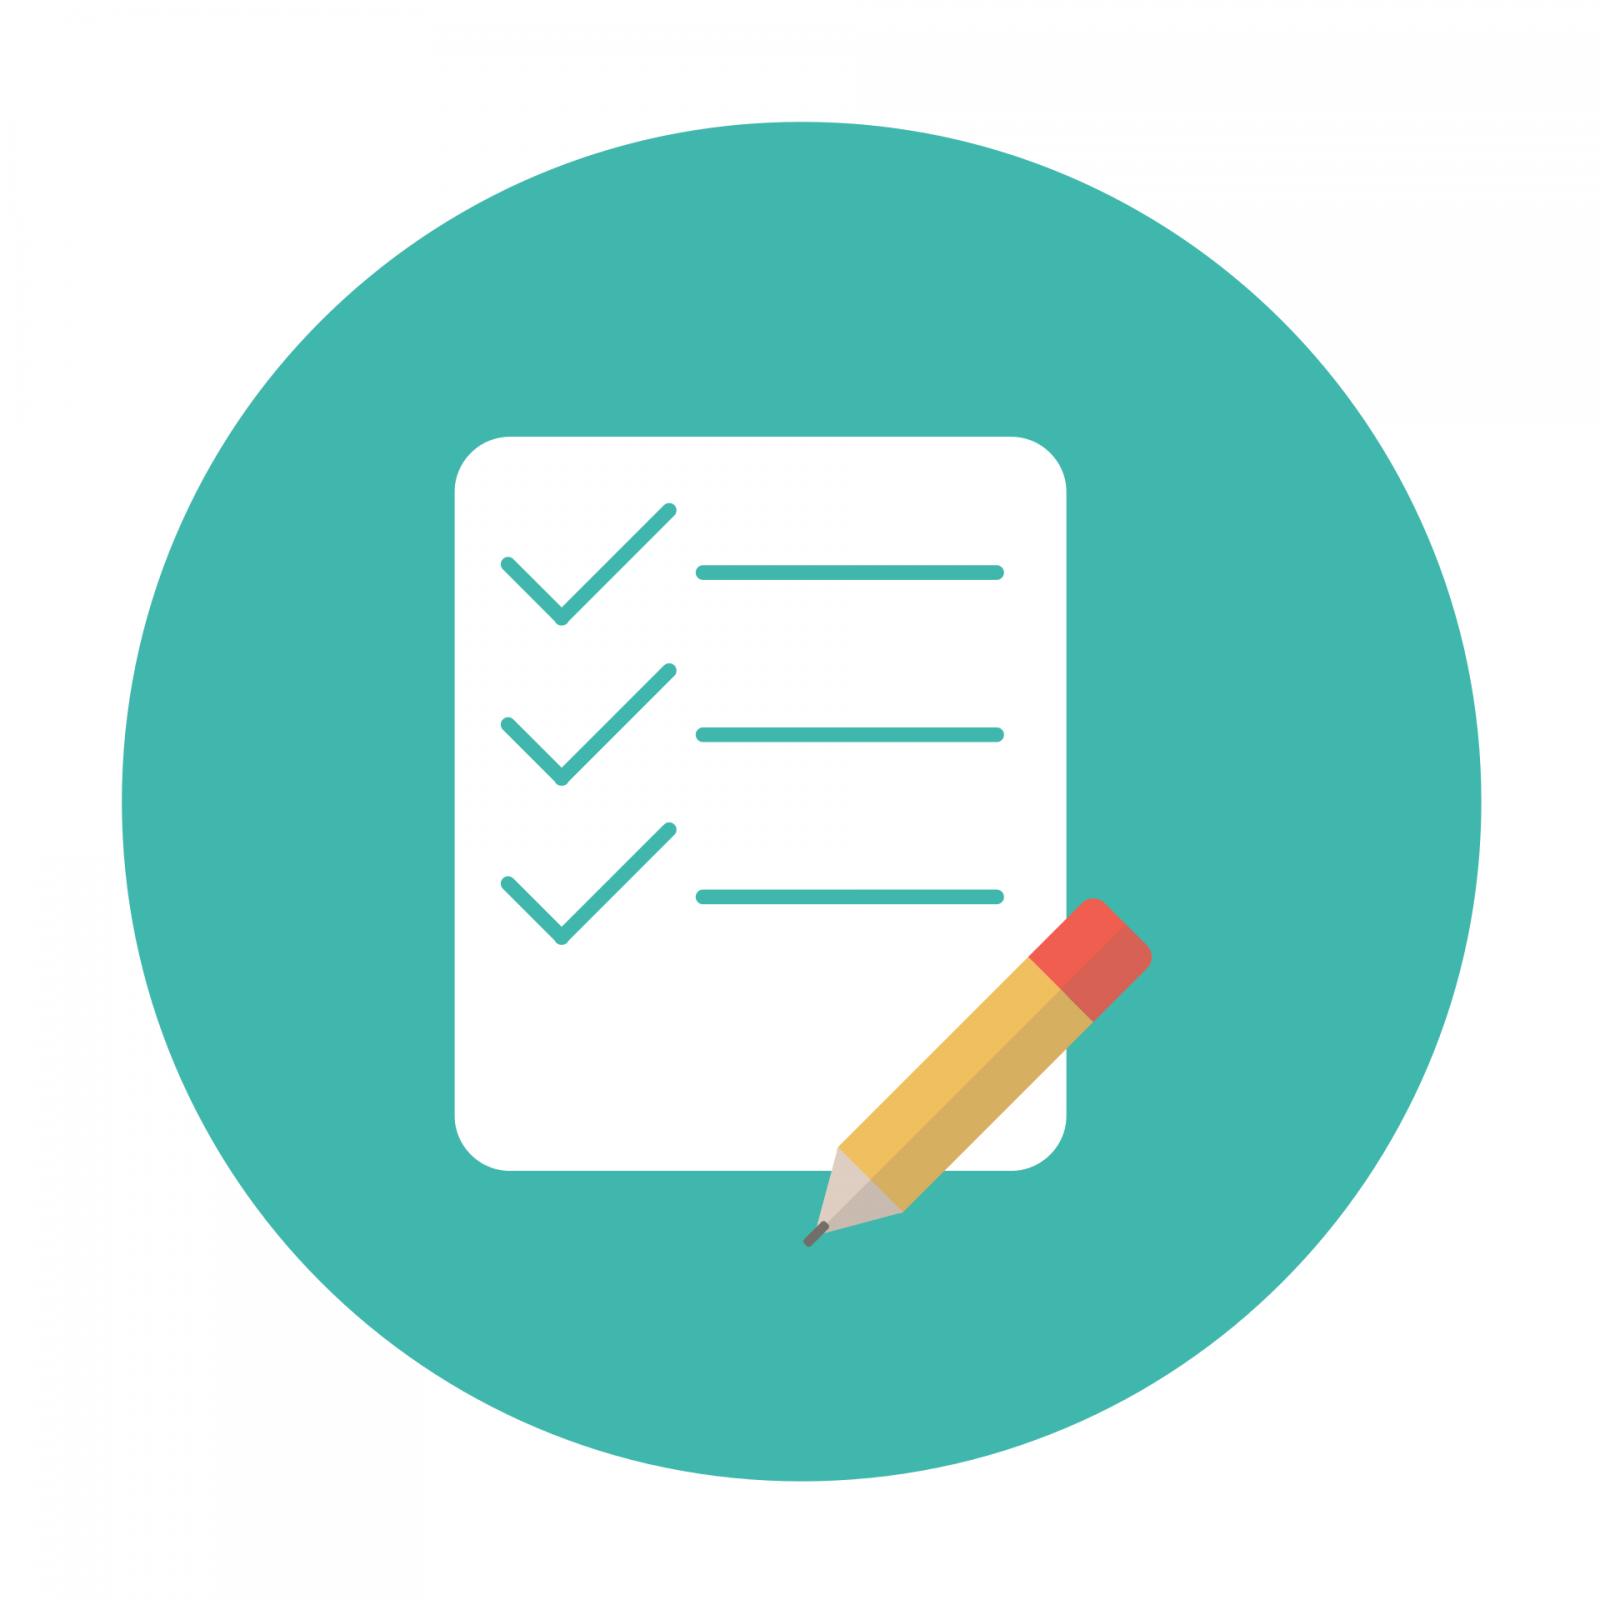 Ističe javni poziv za podnošenje prijava za posao popisivača i kontrolora u provedbi Popisa stanovništva 2021